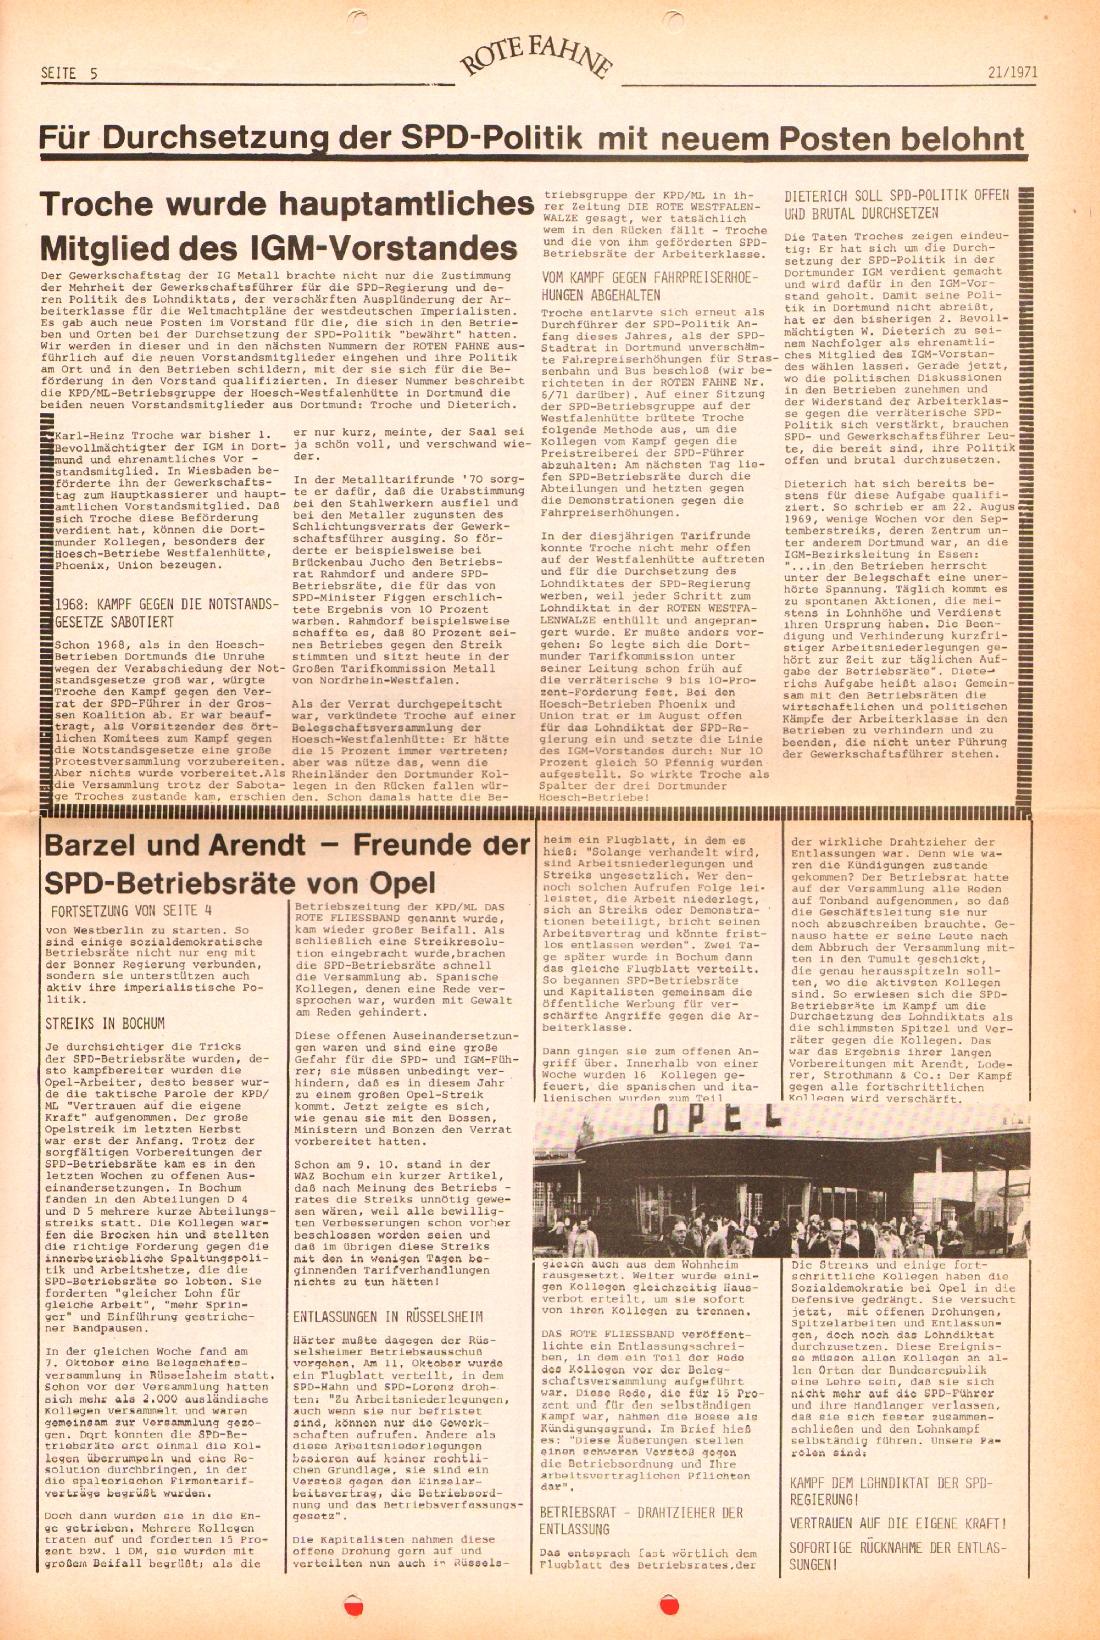 Rote Fahne, 2. Jg., 25.10.1971, Nr. 21, Seite 5